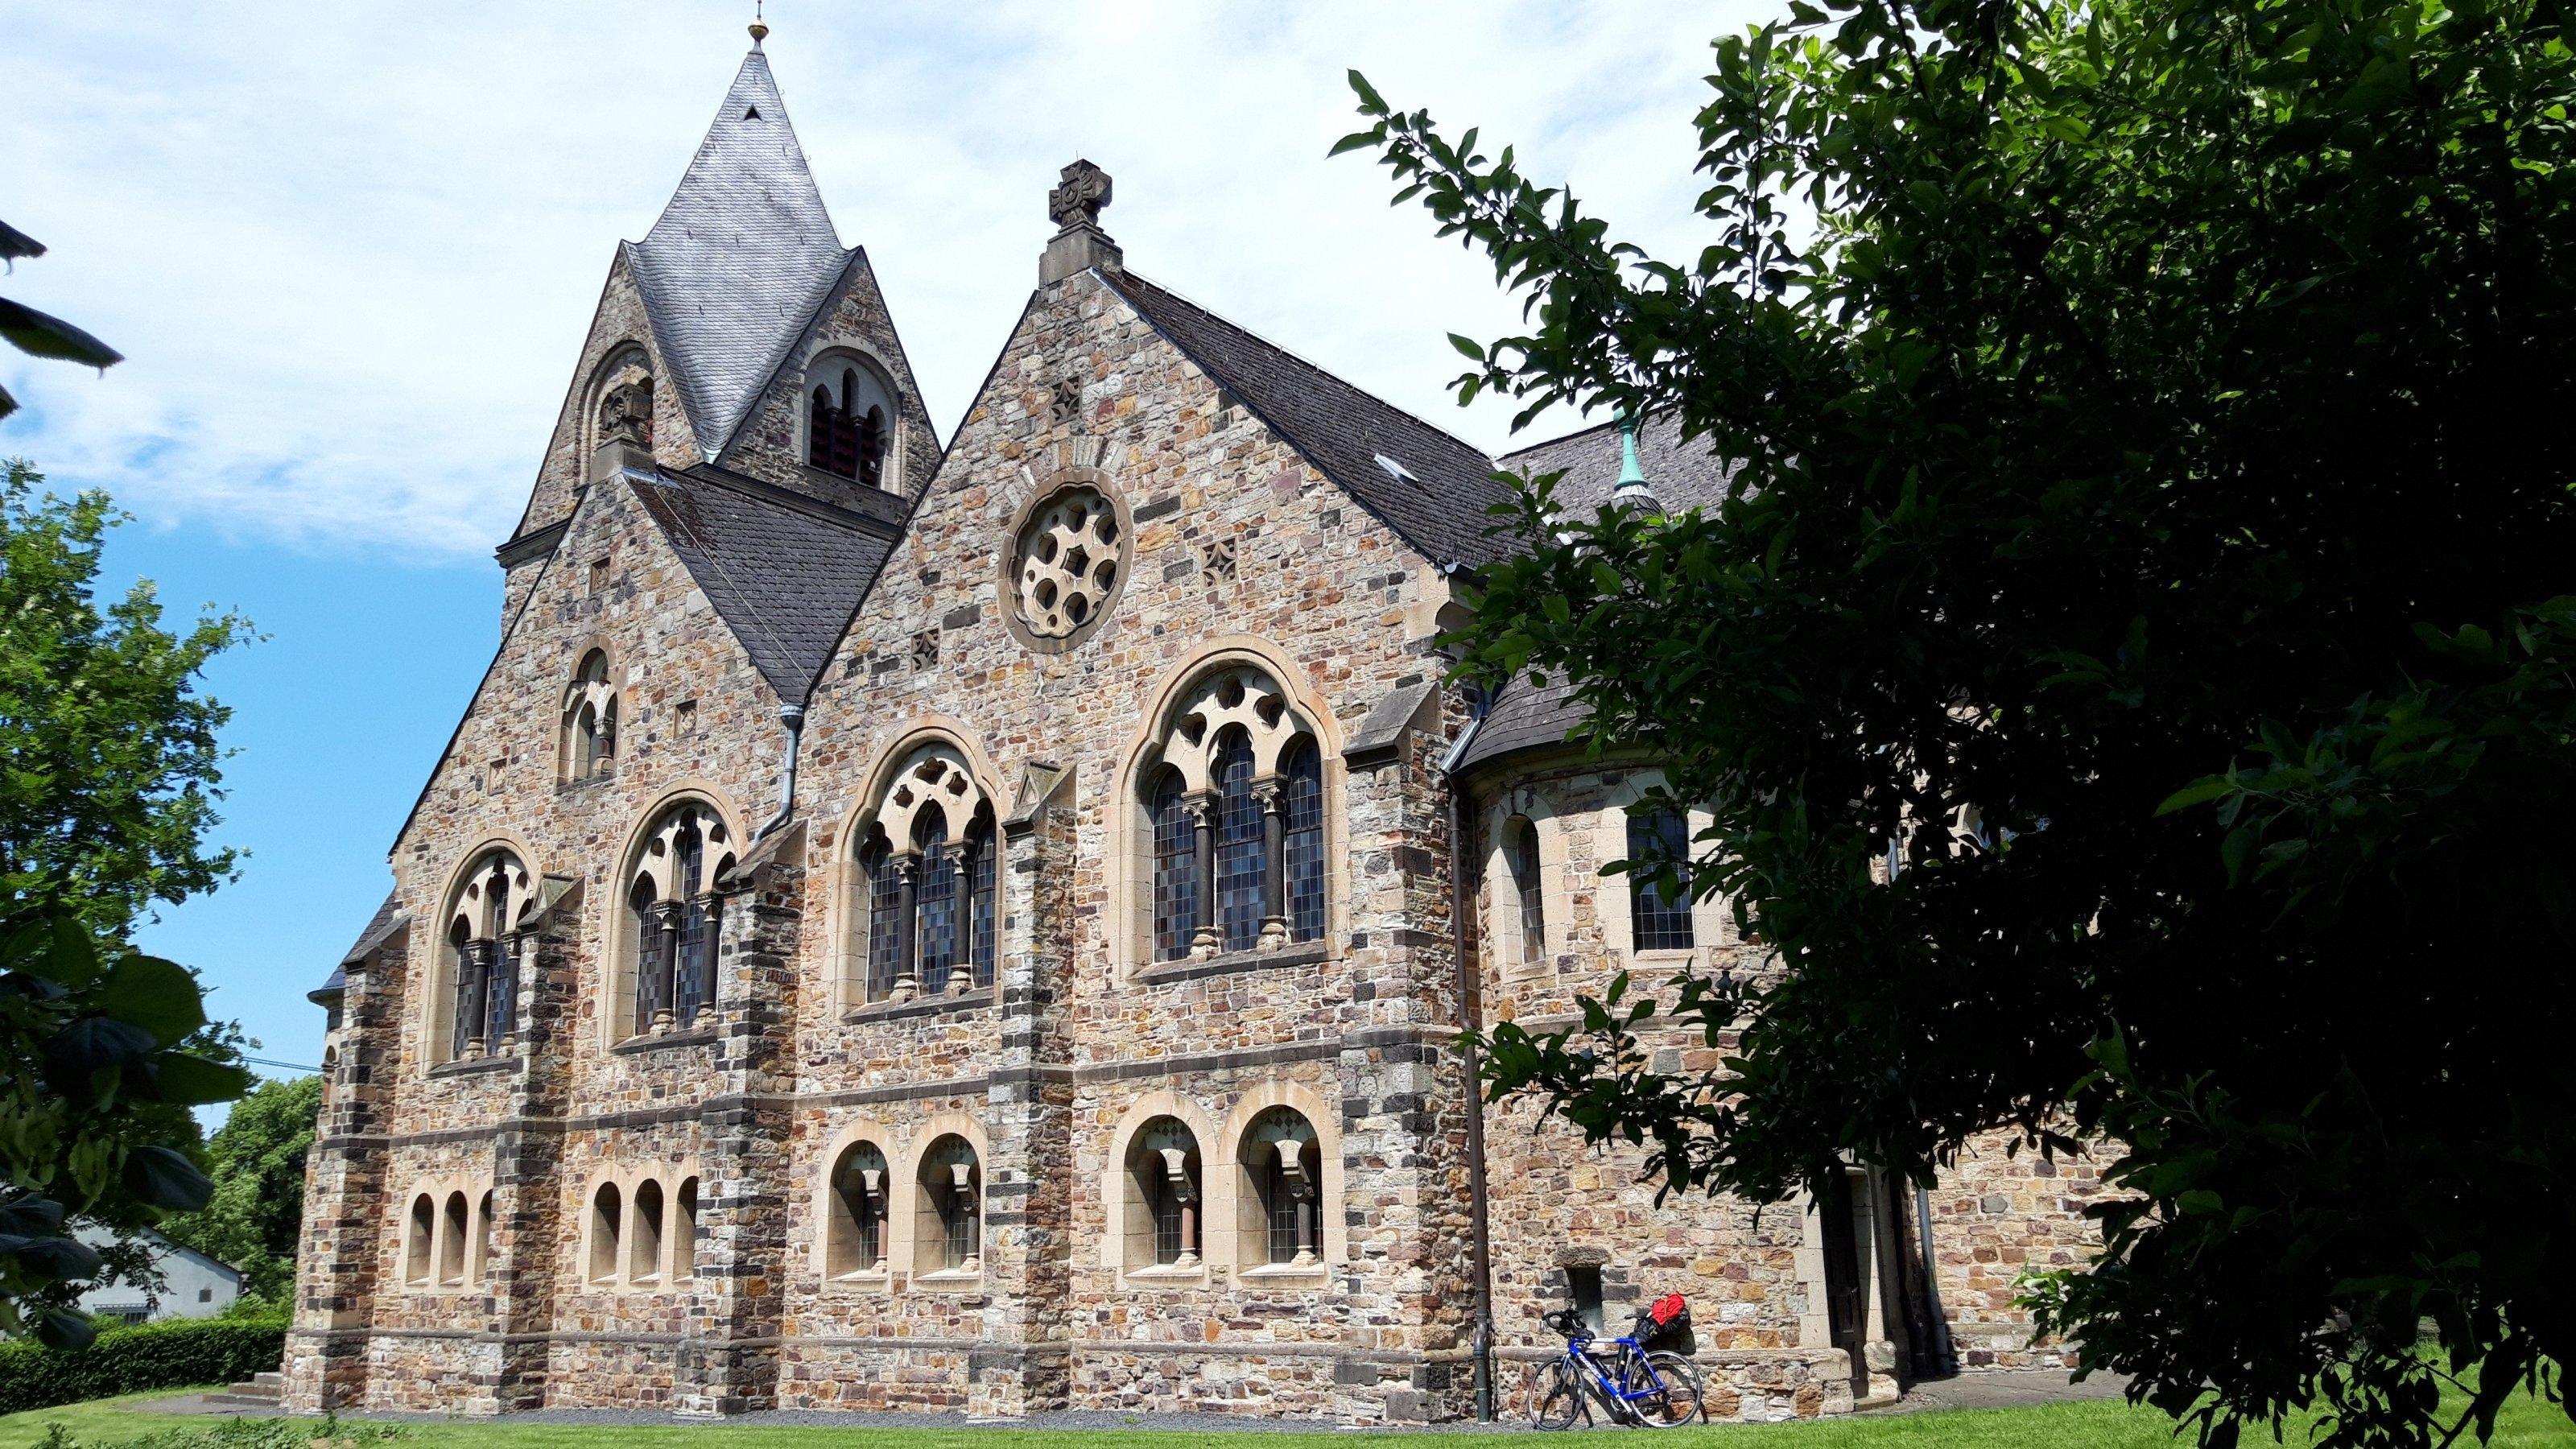 Das Vehikel des RadelndenReporters lehnt an der Evangelischen Pfarrkirche Dierdorf, eine neuromanische Staffelkirche aus den Jahren 1903bis 1904mit spätromanischem Westturm.